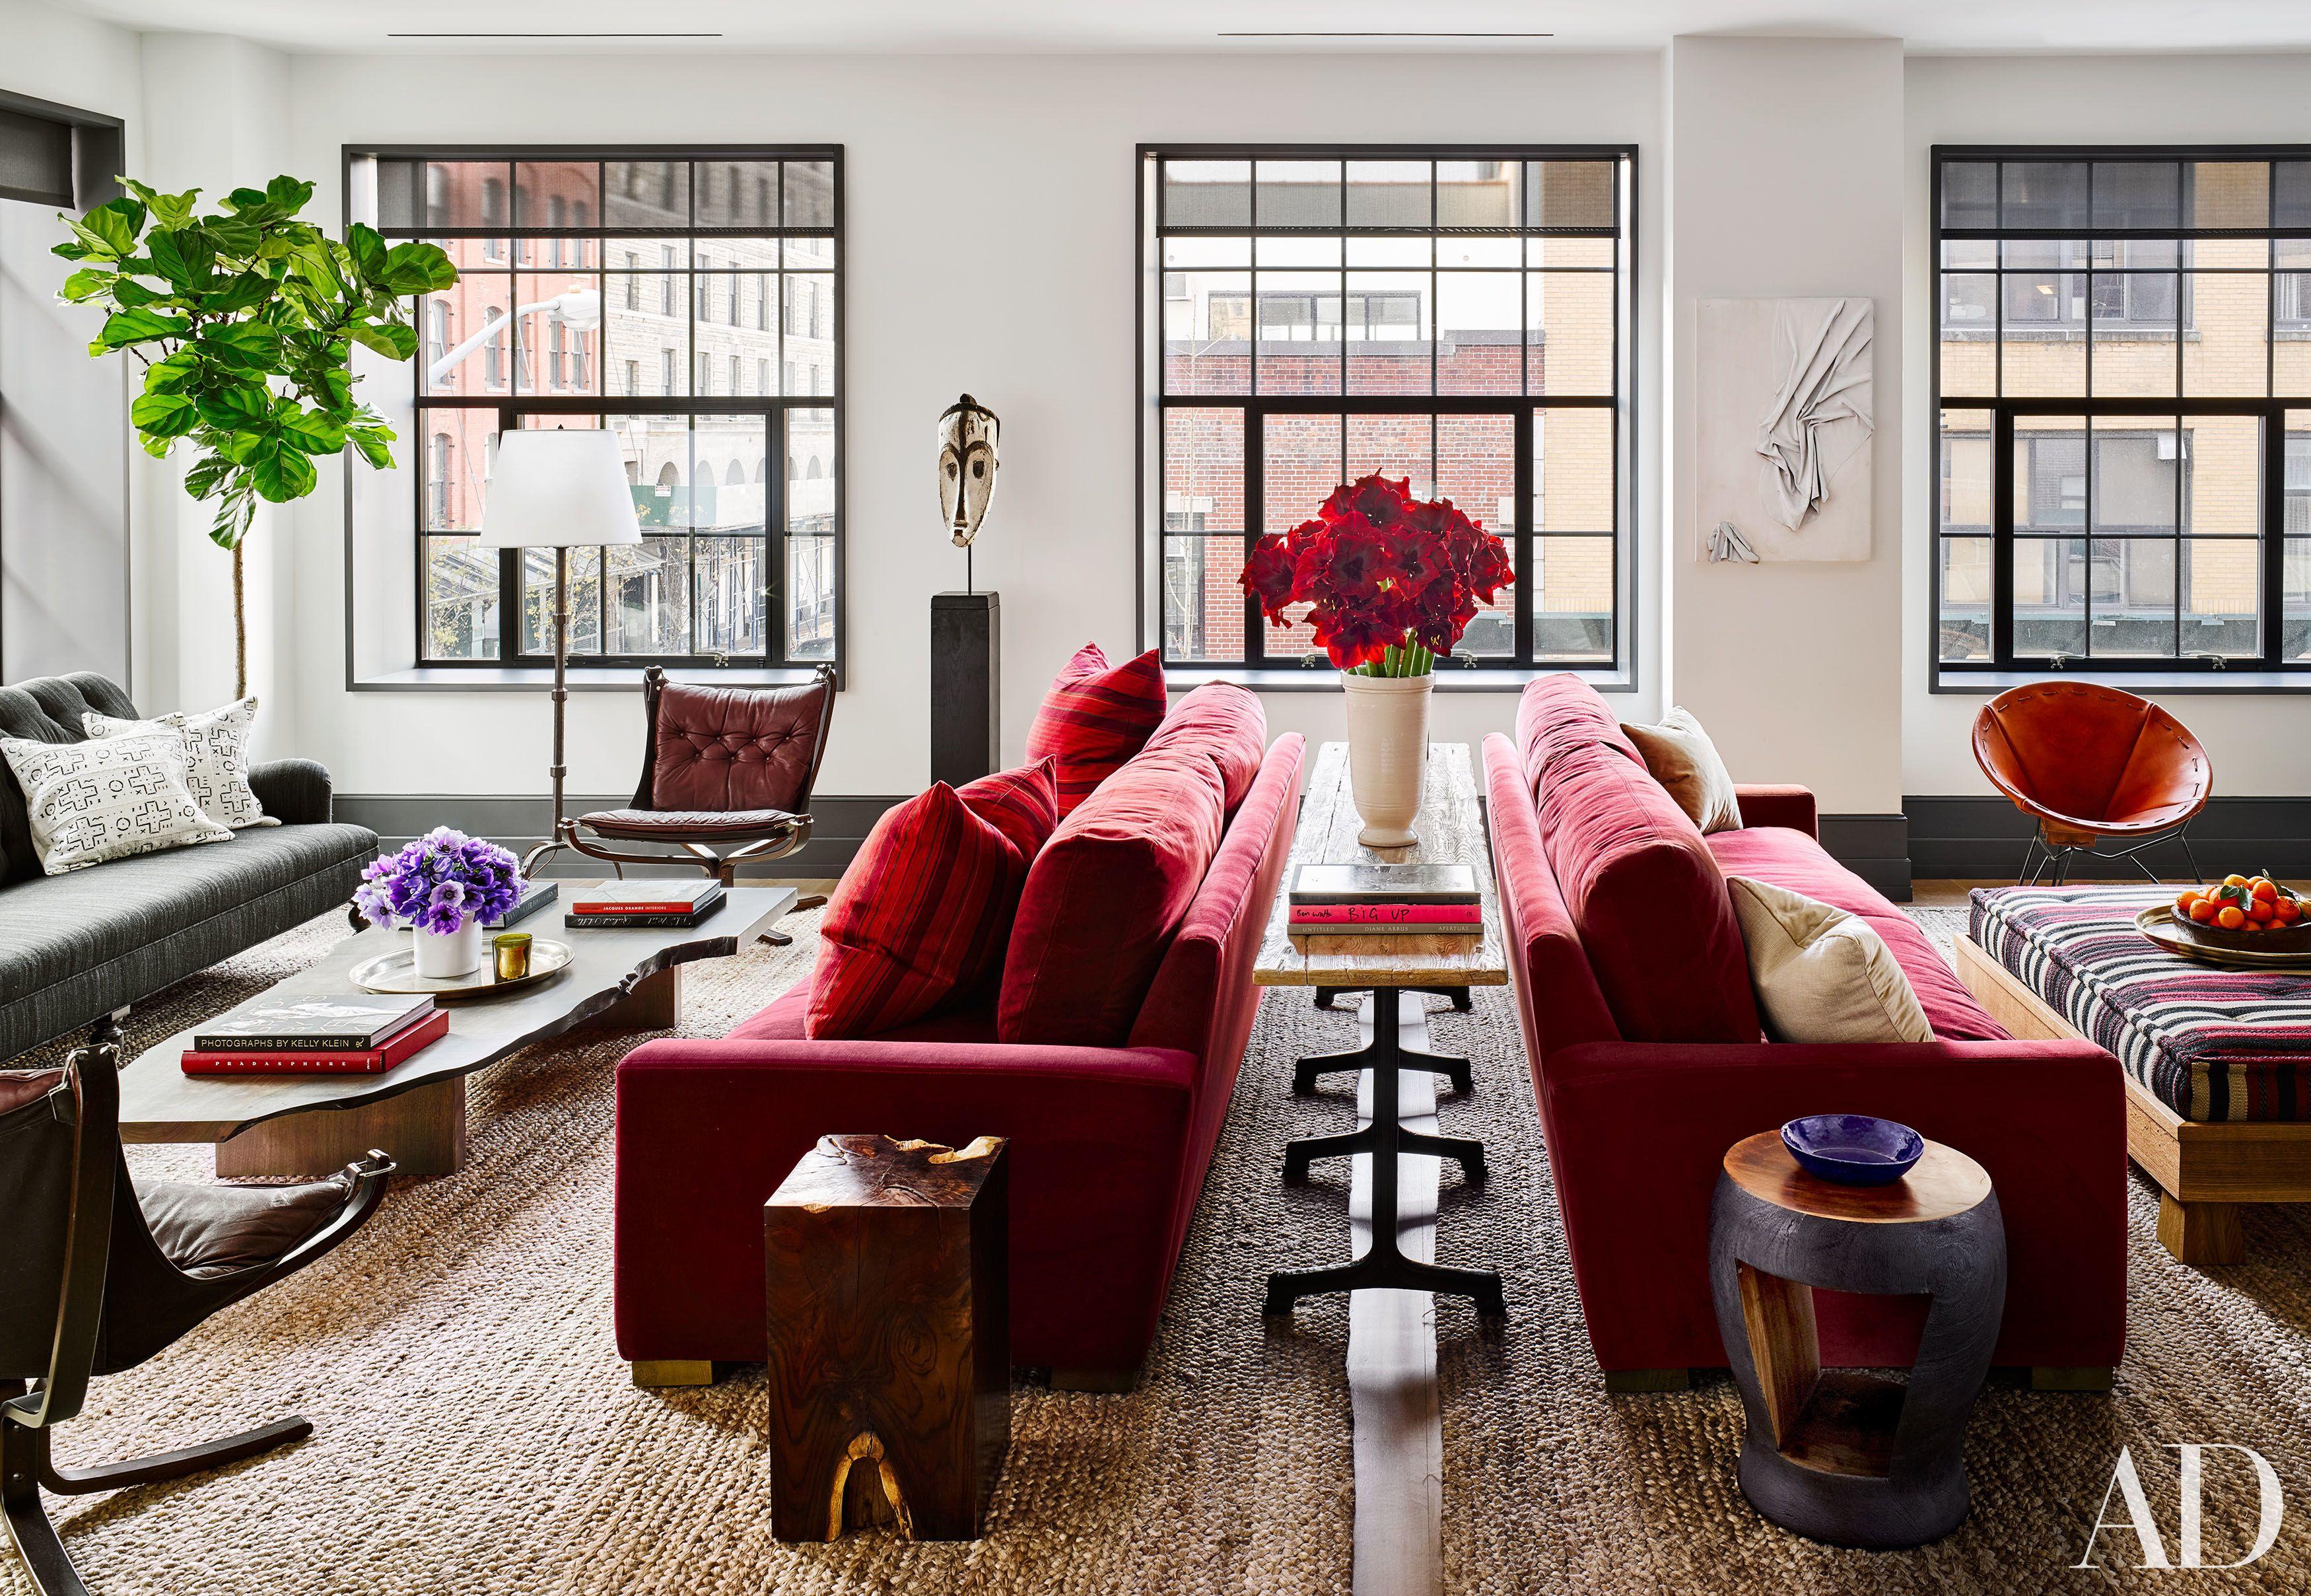 naomi watts and liev schreiber's stunning new york city apartment, Innenarchitektur ideen